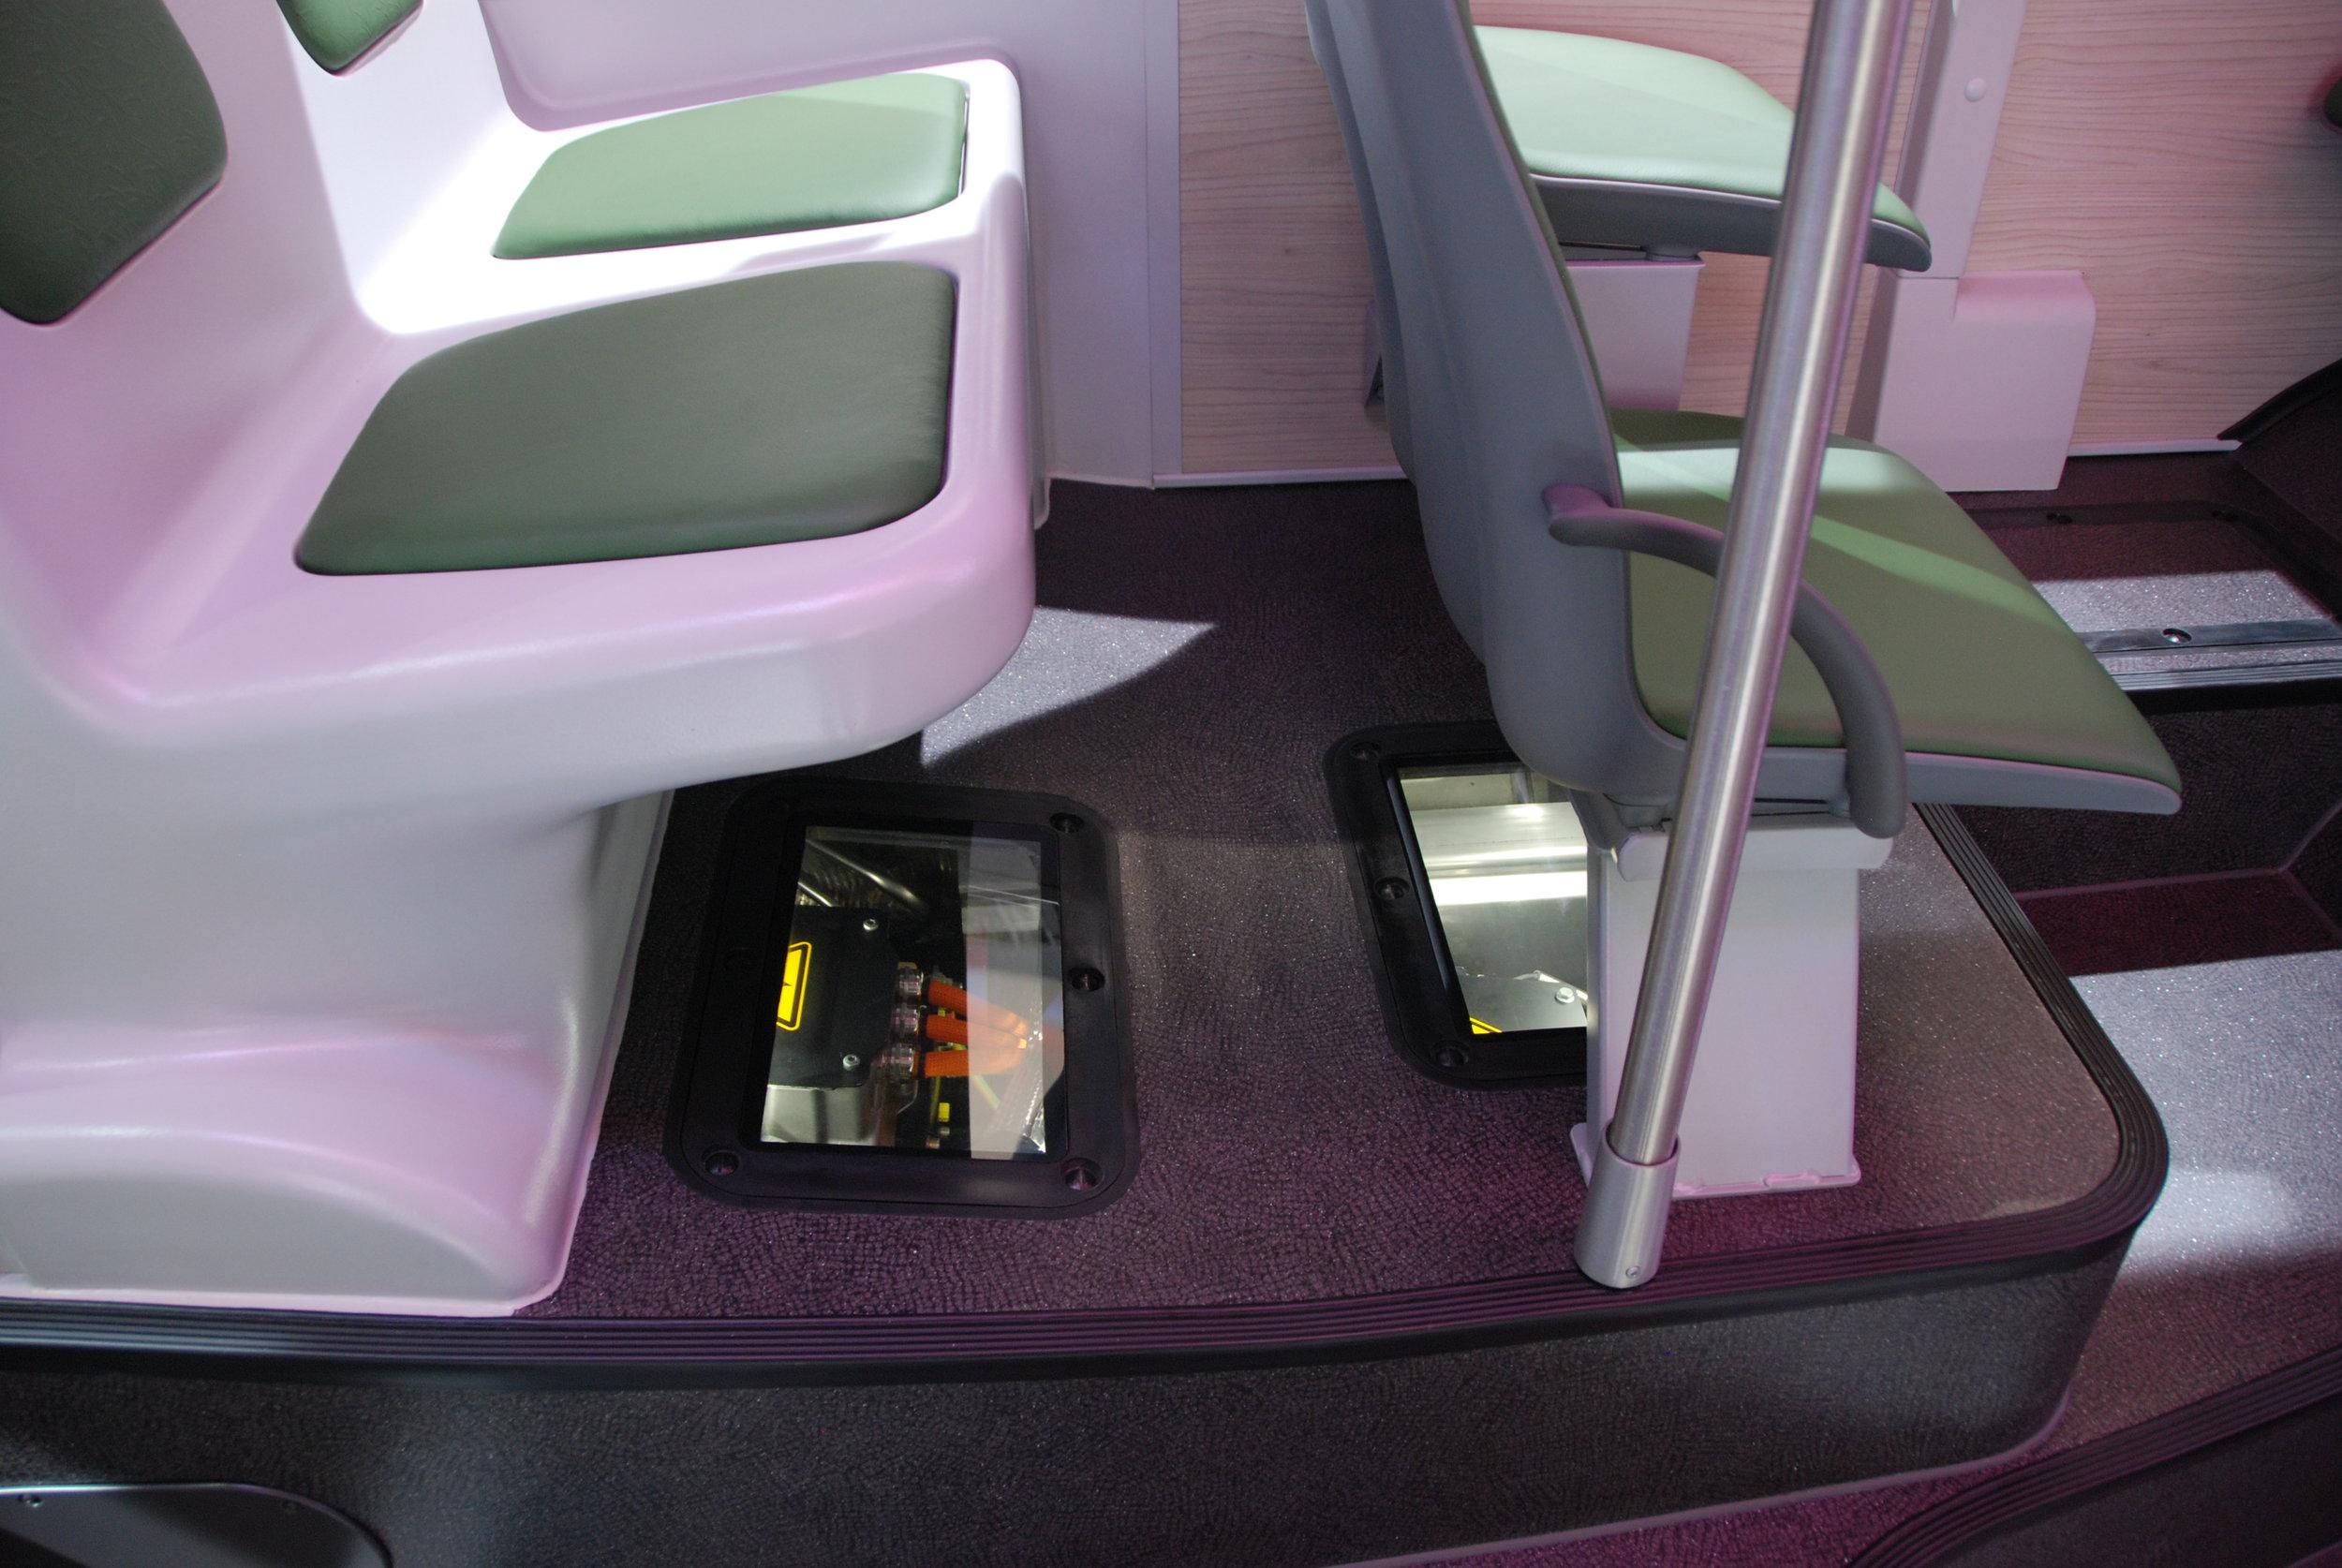 V interiéru elektrobusu MAN jsou některé komponenty záměrně kryty jen sklem, aby bylo možné je pozorovat. Takový autobus je zřejmě přáním každé technické vysoké školy. (foto: Libor Hinčica)